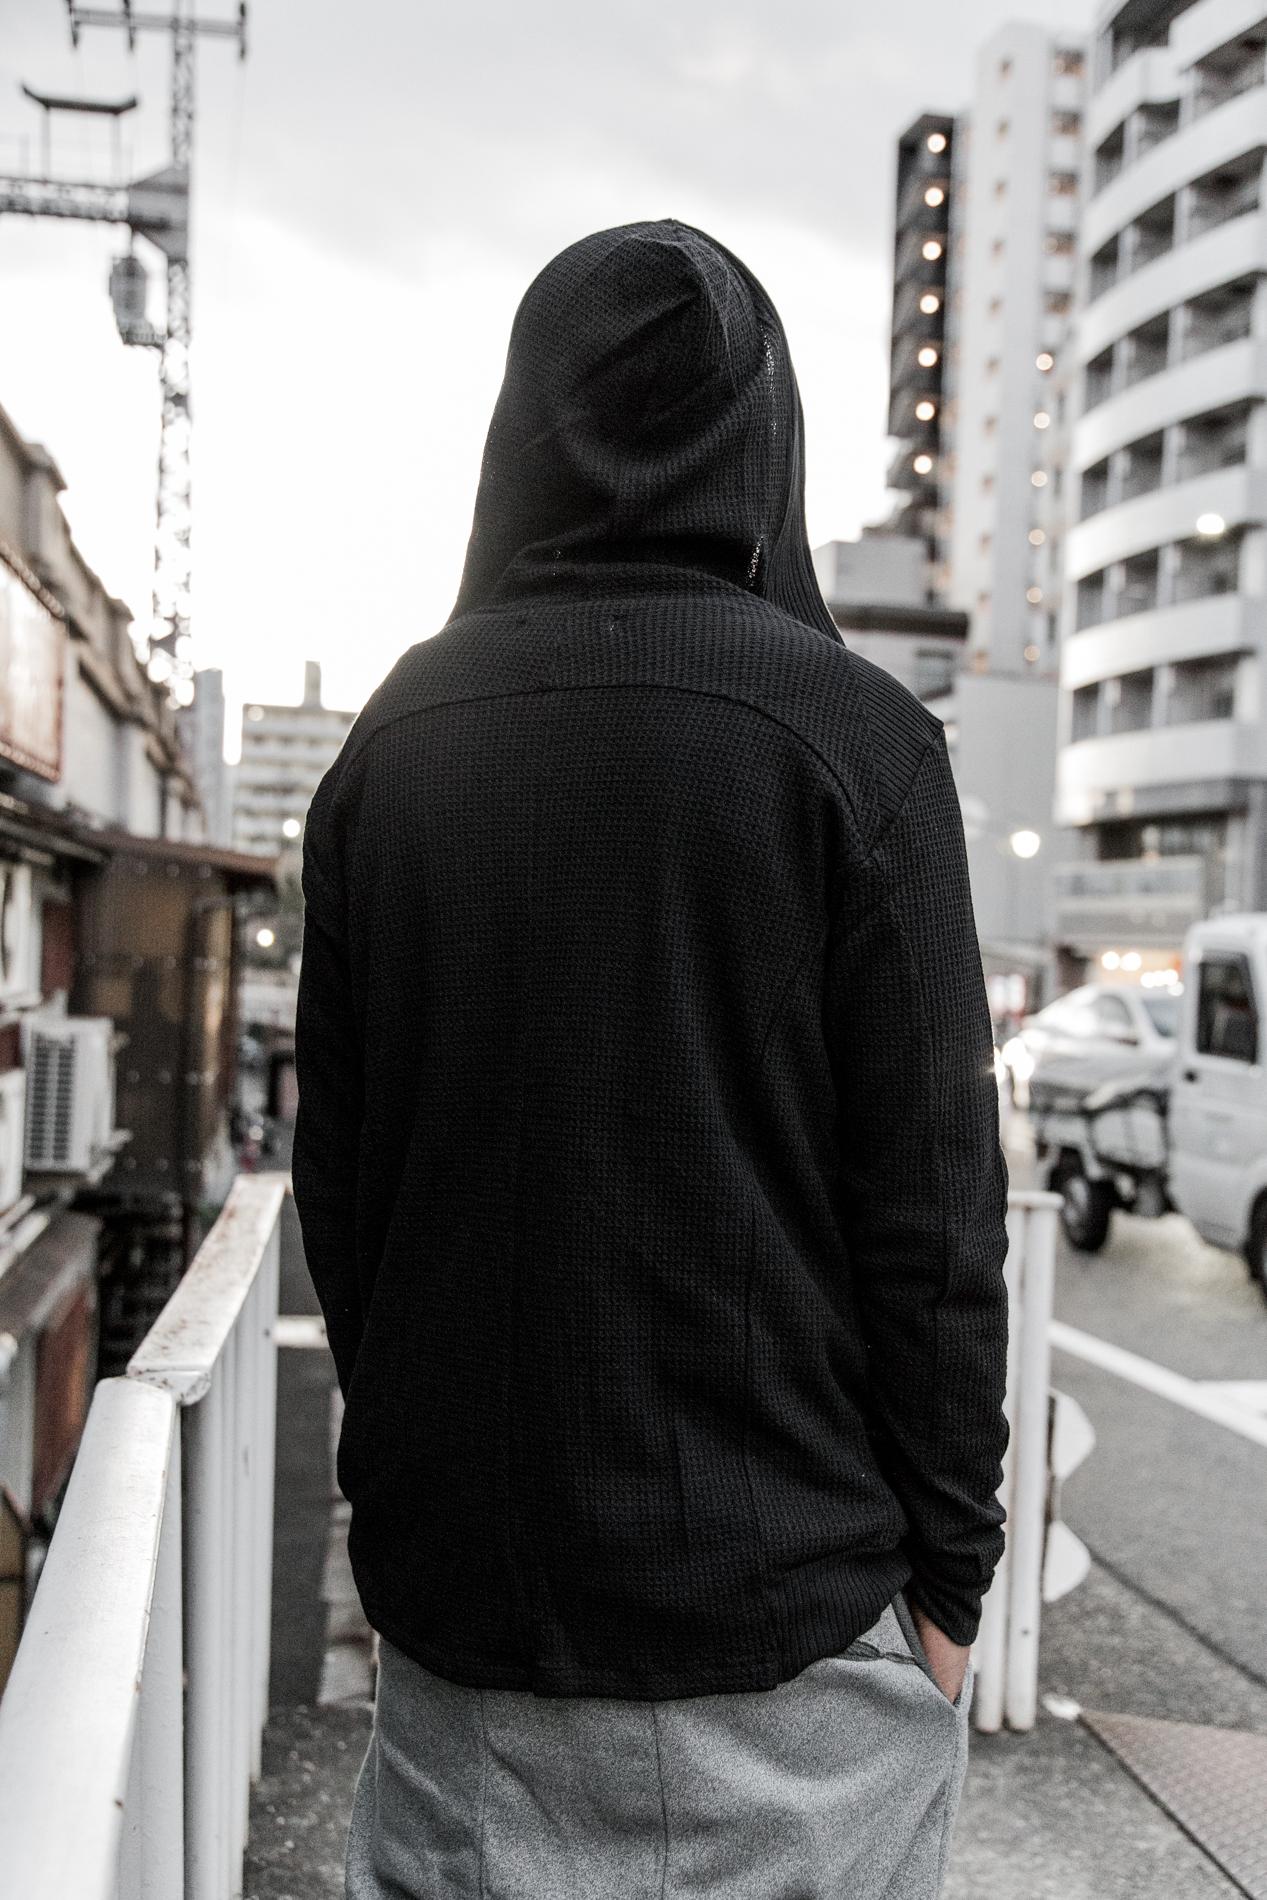 蜷咲ァー譛ェ險ュ螳壹ヵ繧ゥ繝ォ繧ソ繧・20171227-CW-_MG_4695-0132.jpg